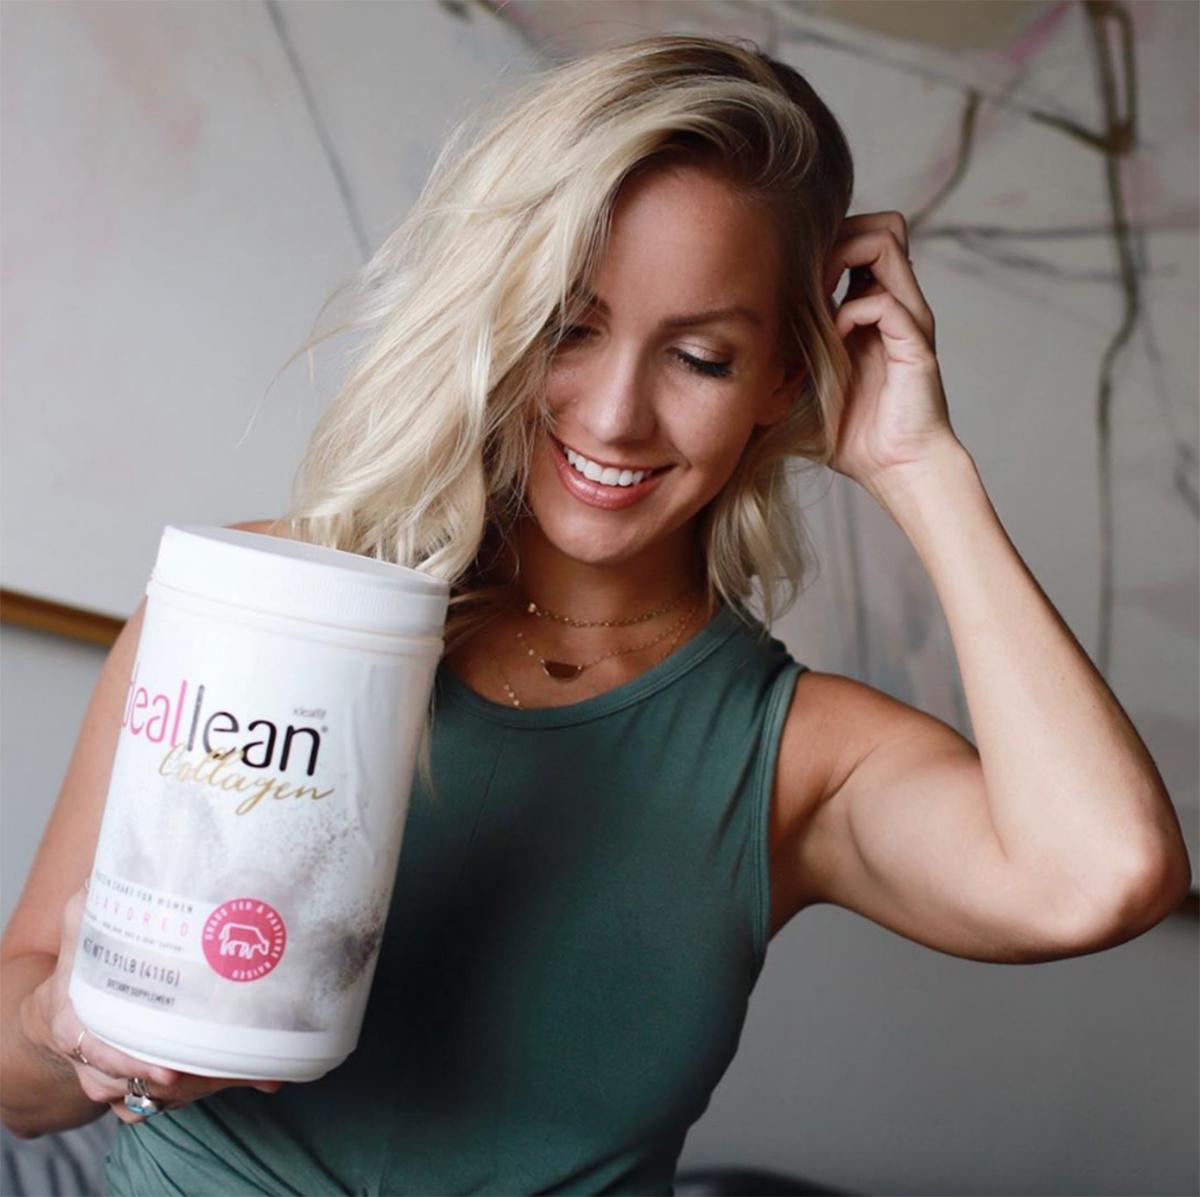 ideal lean collagen